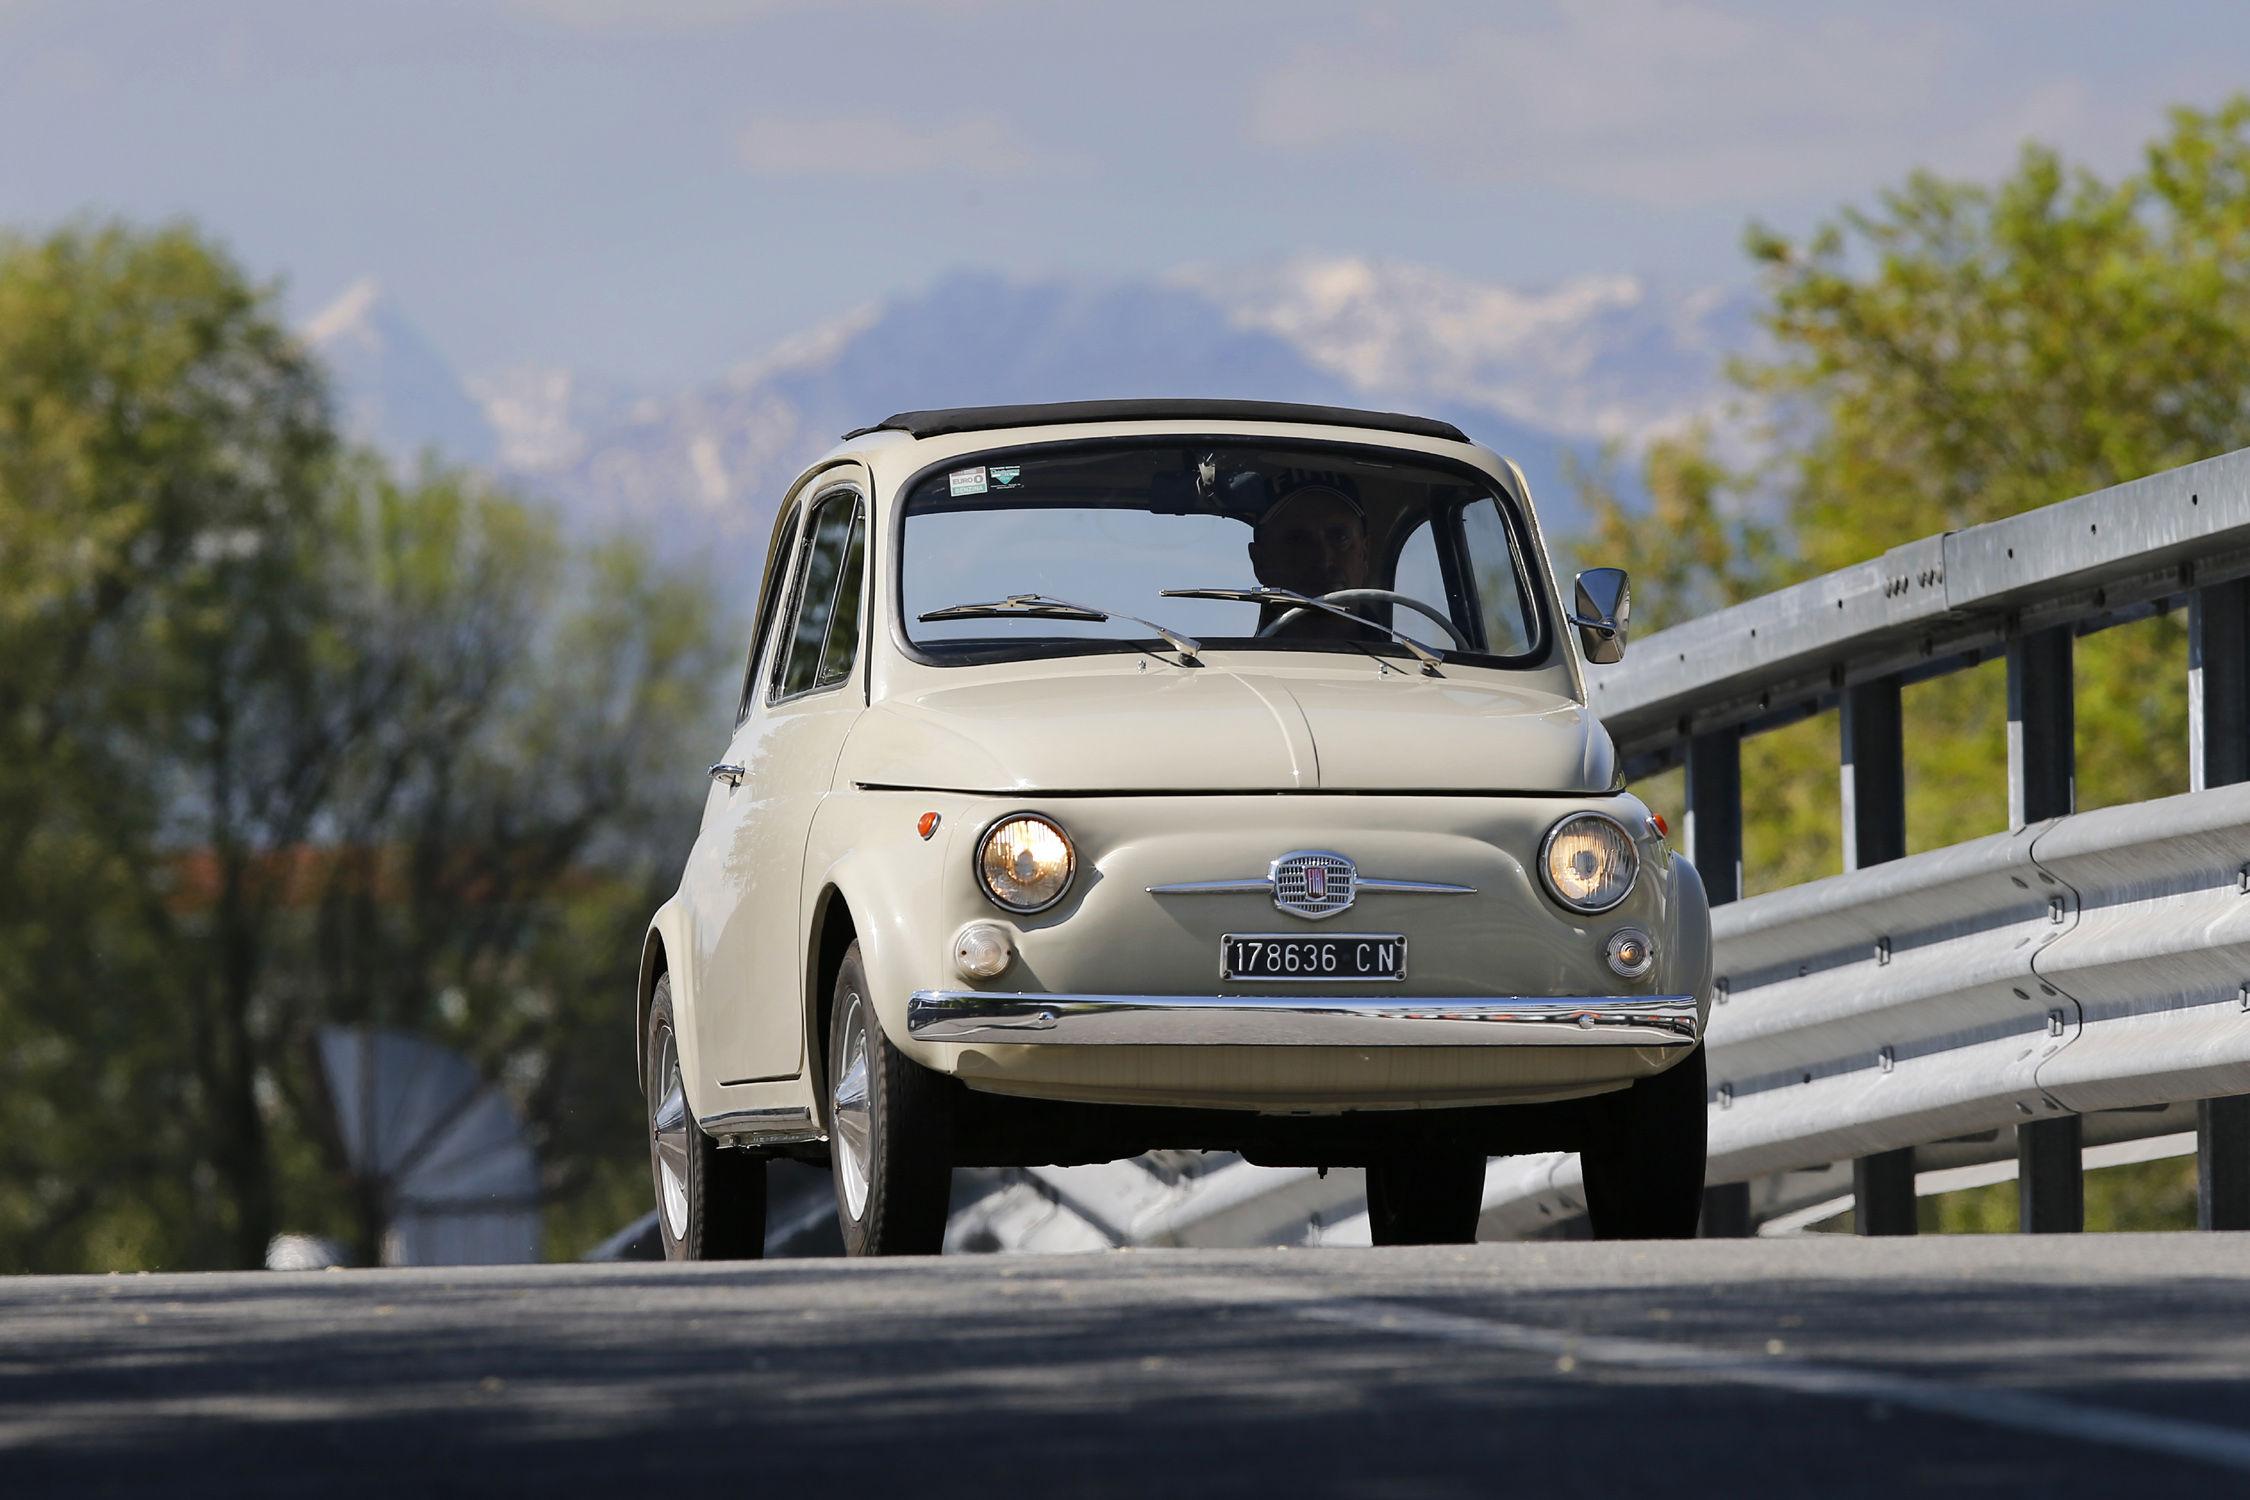 La Fiat 500 fête ses 60 ans par une entrée au MoMa